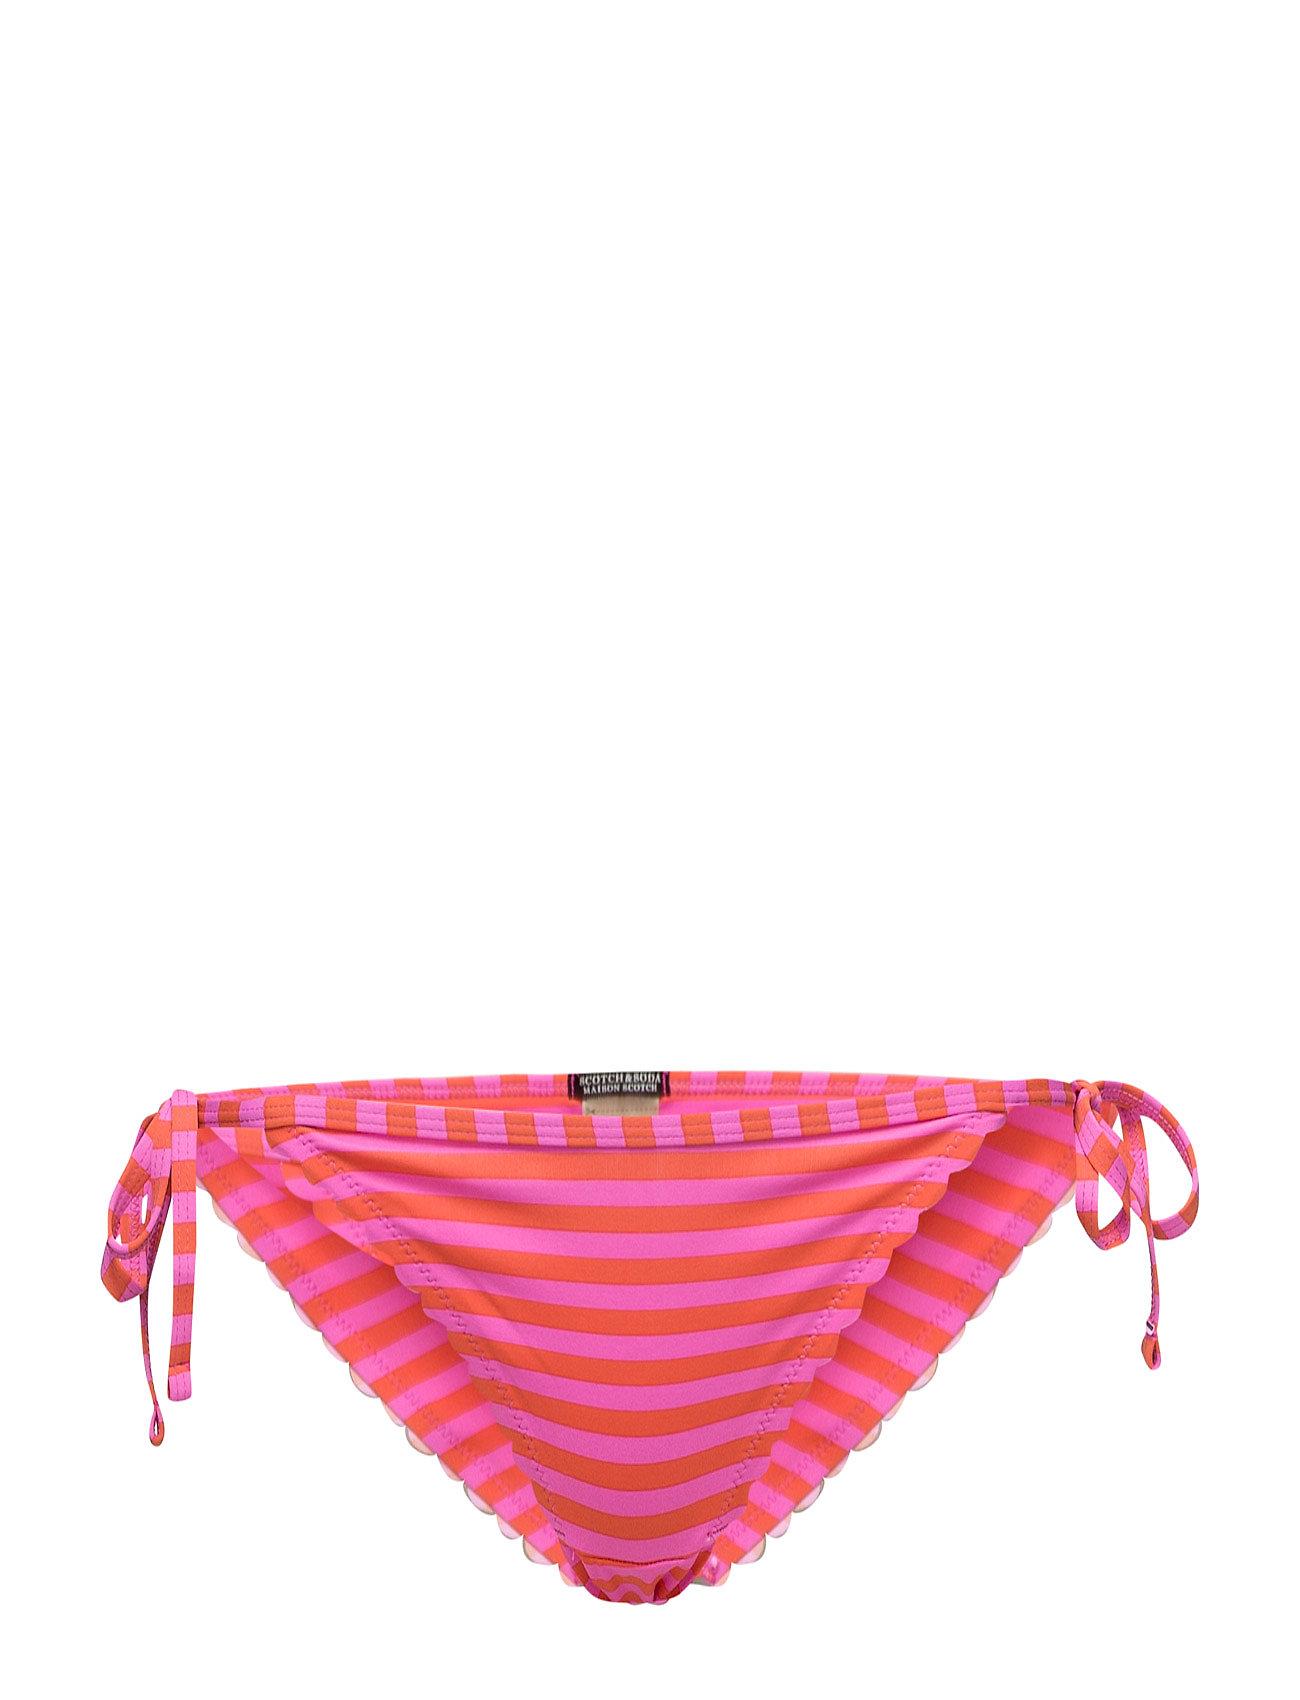 Bikini Bottom With Scalloped Or Embroidered Edges Scotch & Soda Badetøj til Kvinder i